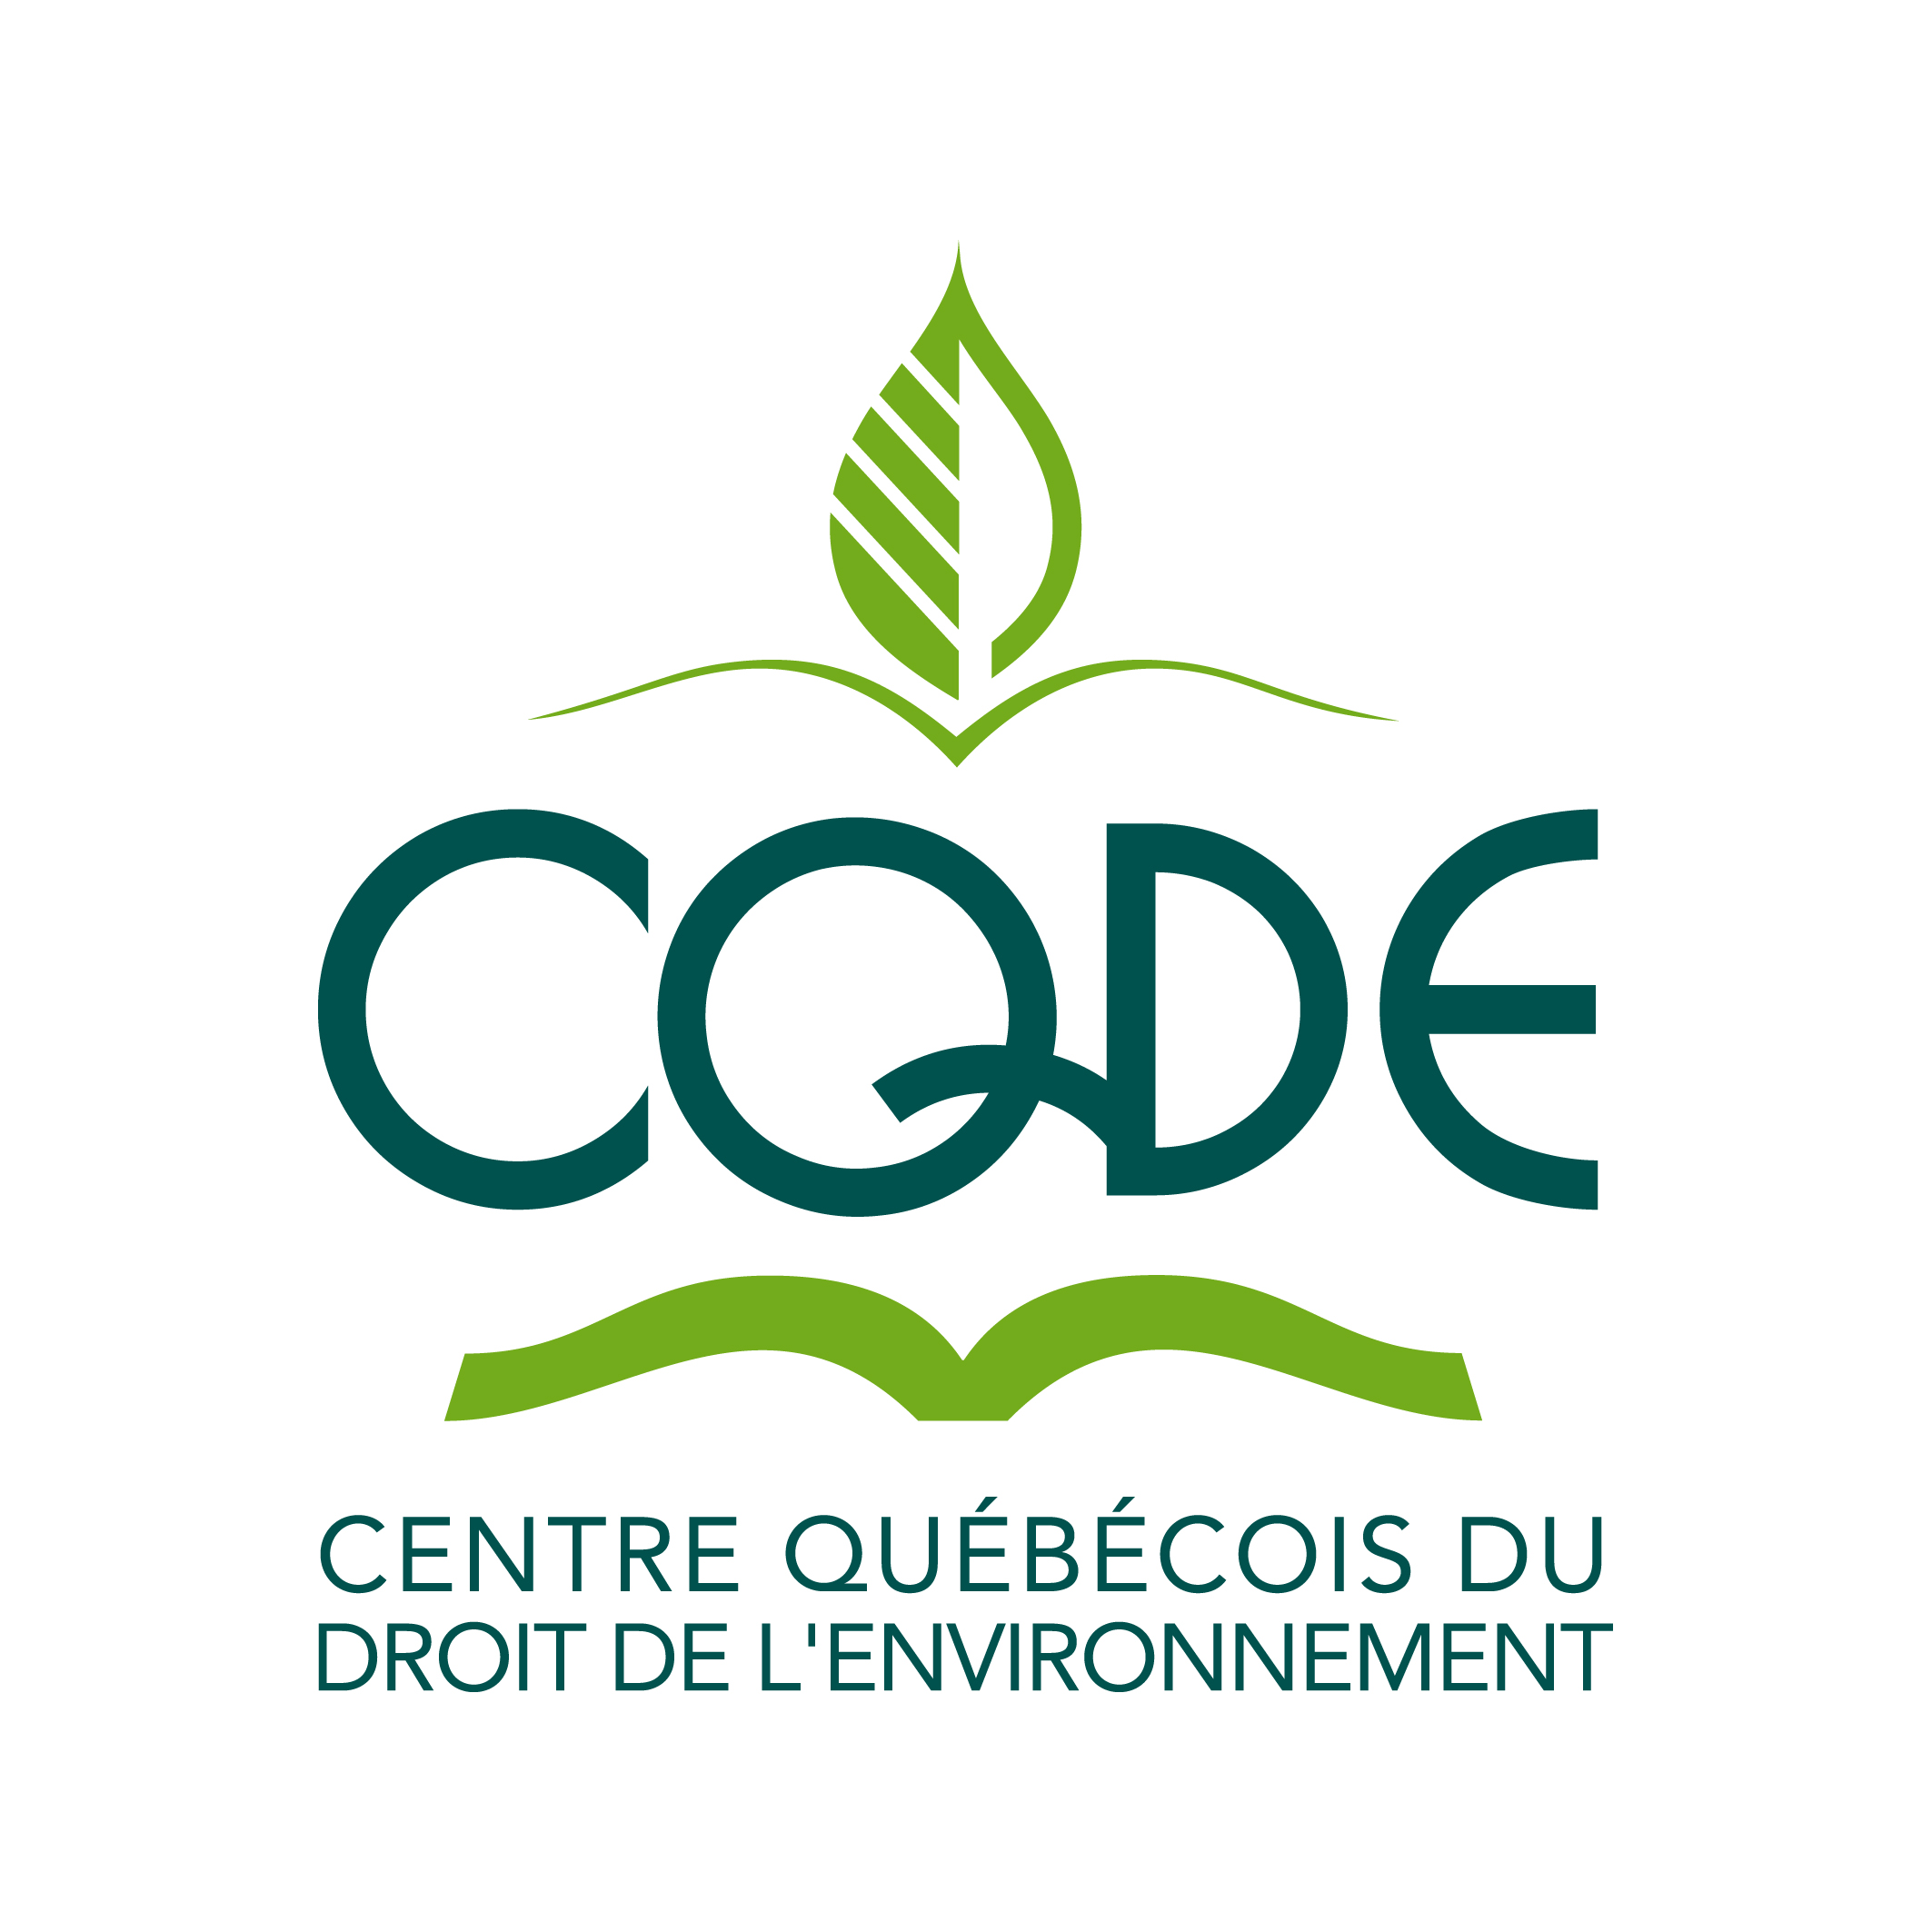 Logo Centre québécois du droit de l'environnement